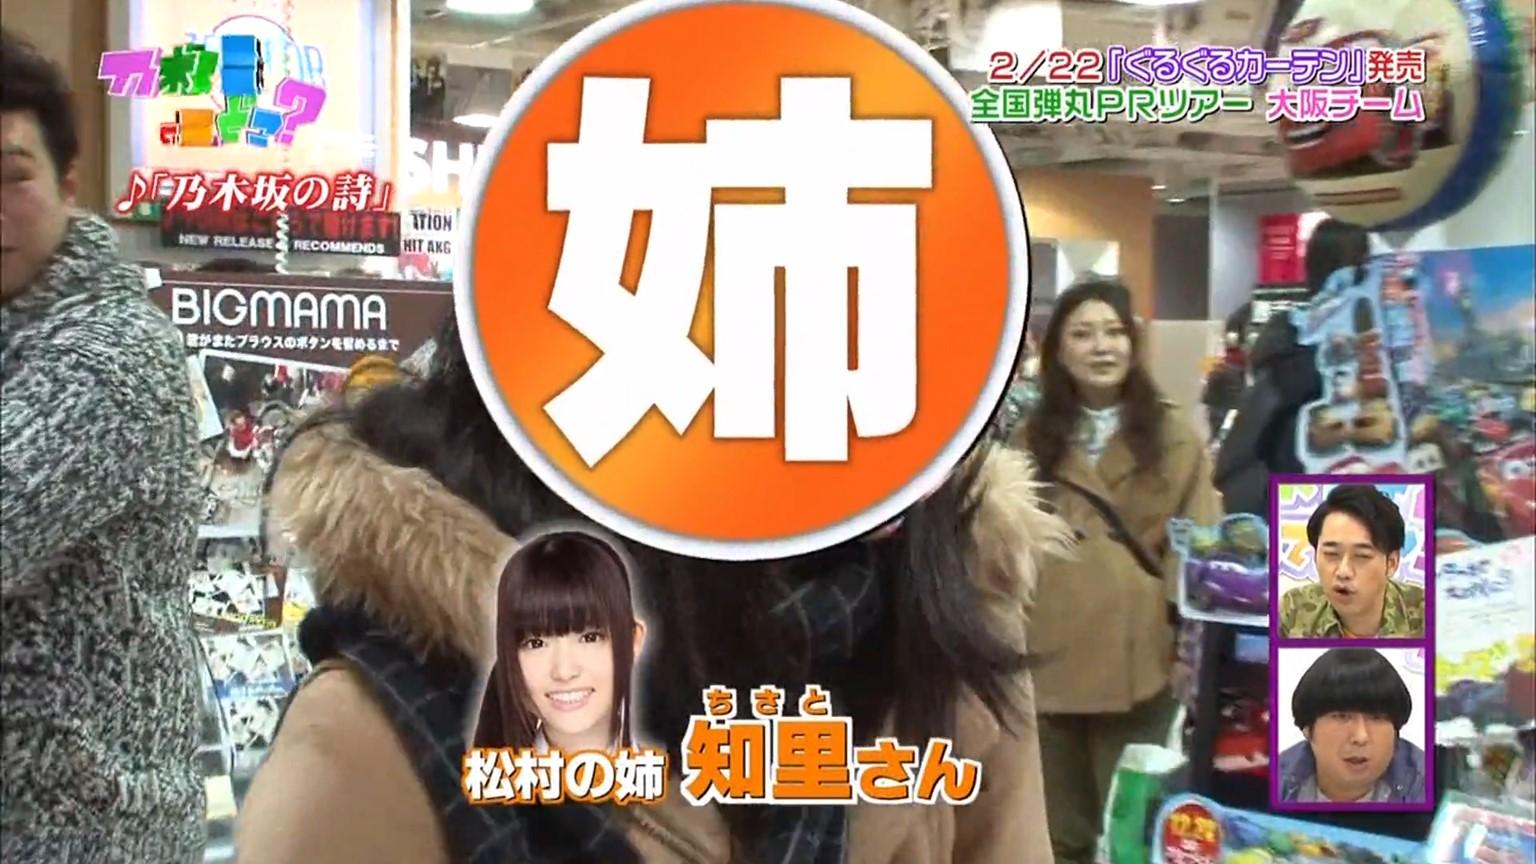 乃木坂ってどこ? 松村沙友理の姉